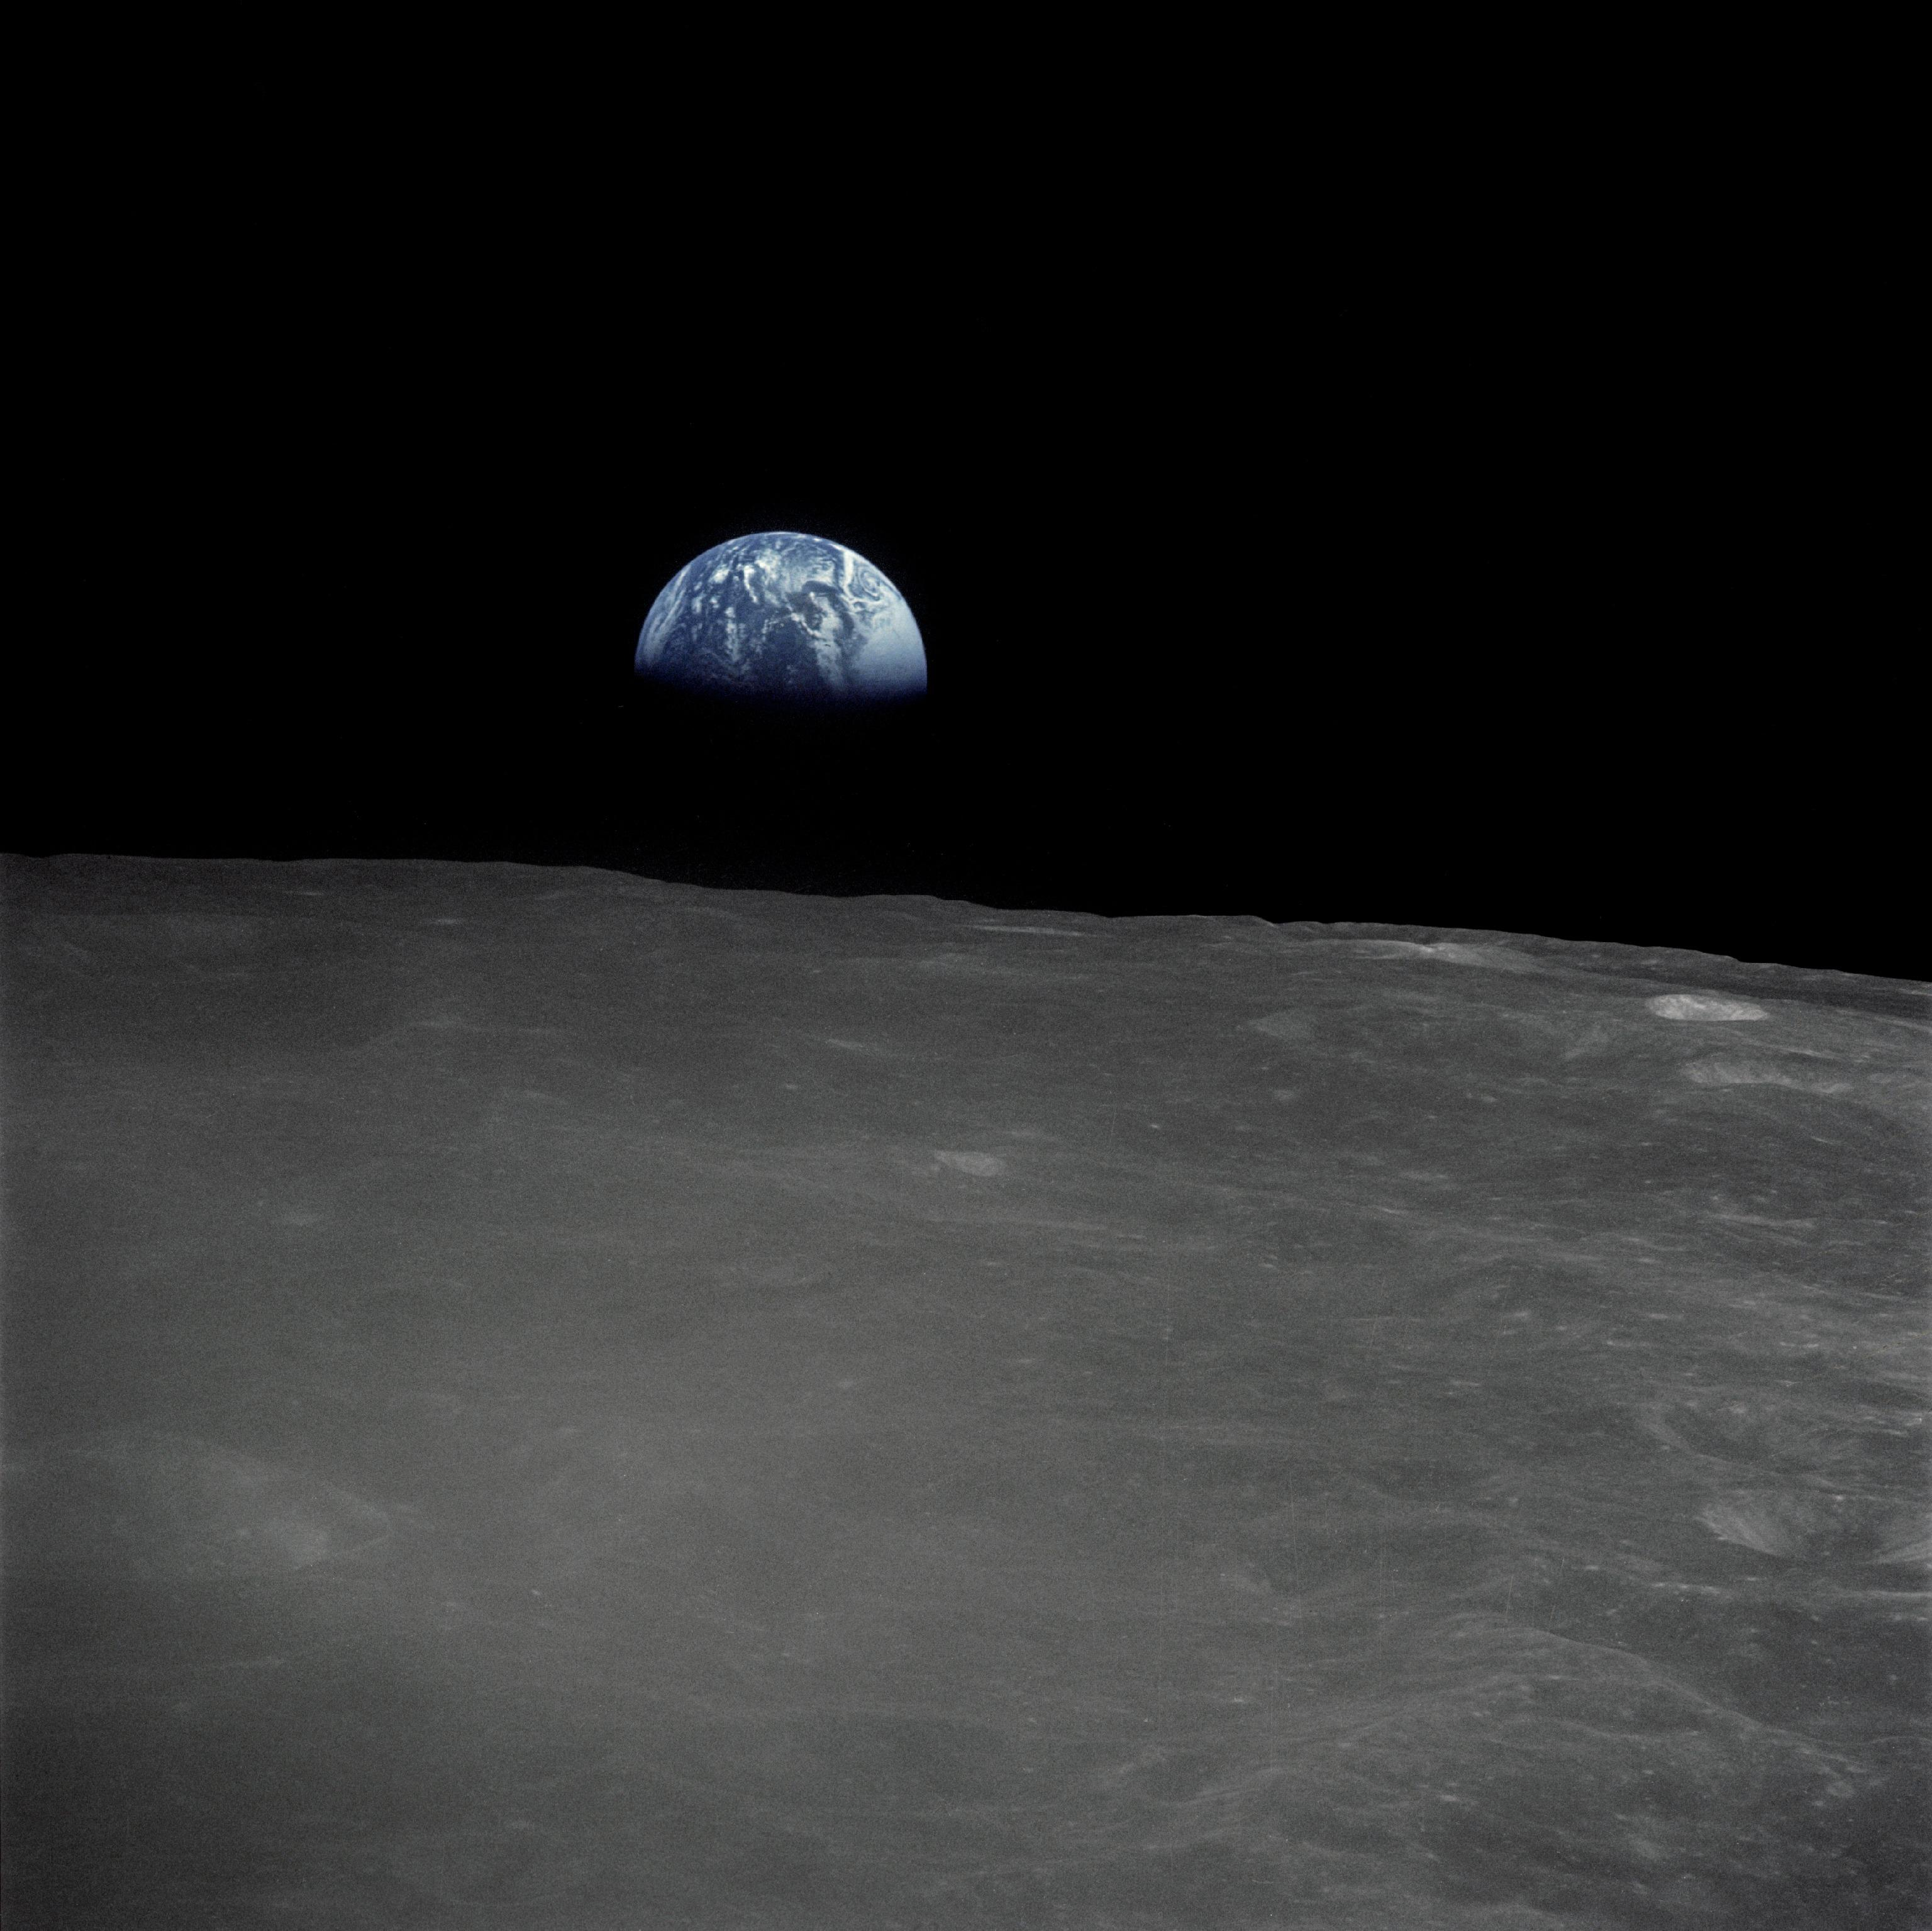 earthrise nasa - photo #9